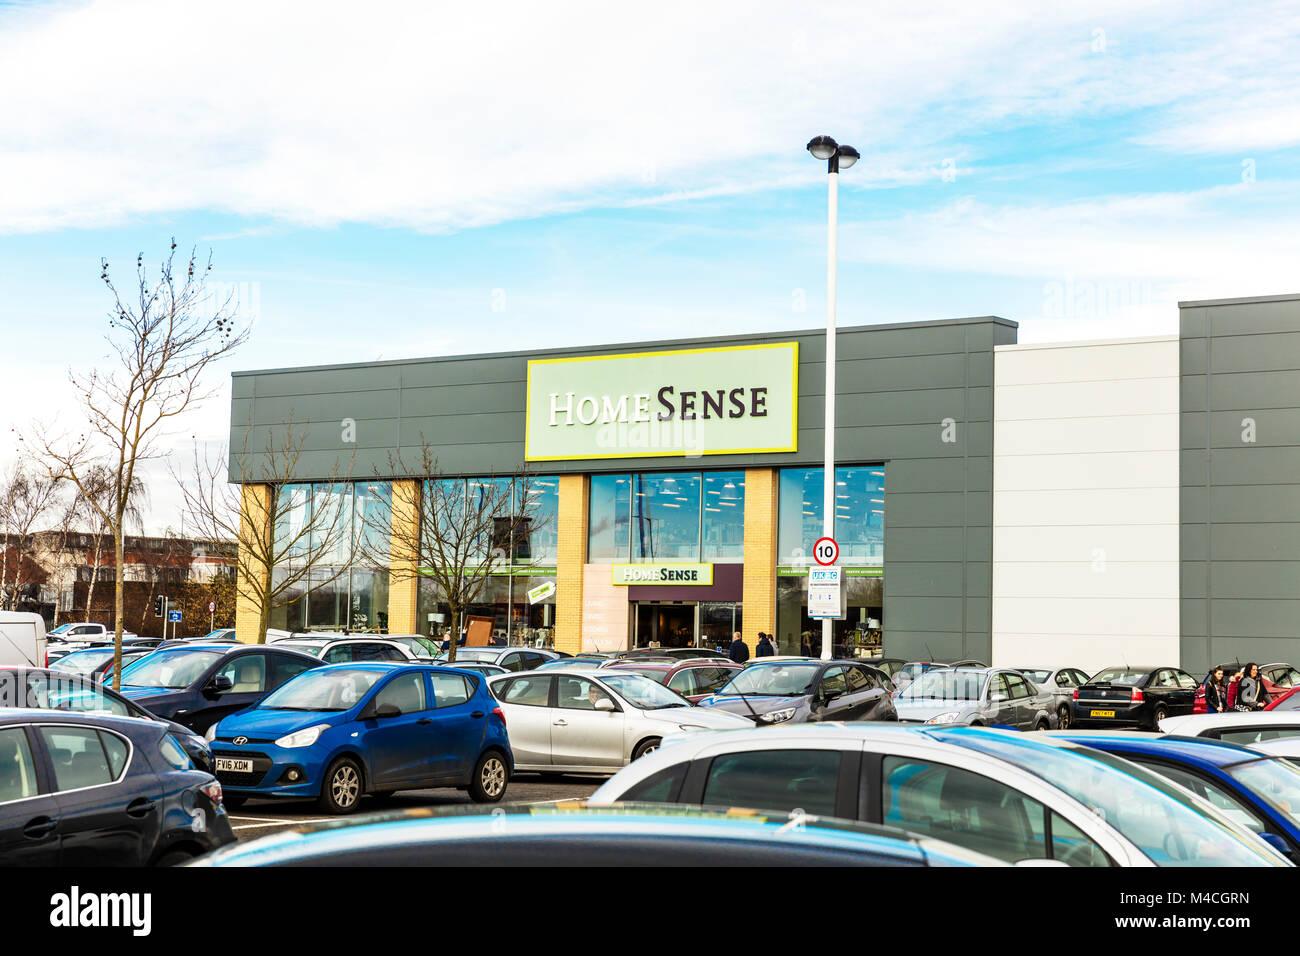 Home Sense store, Home Sense shop, Home Sense UK England, Home Sense shop sign, Home Sense interiors, Home Sense - Stock Image